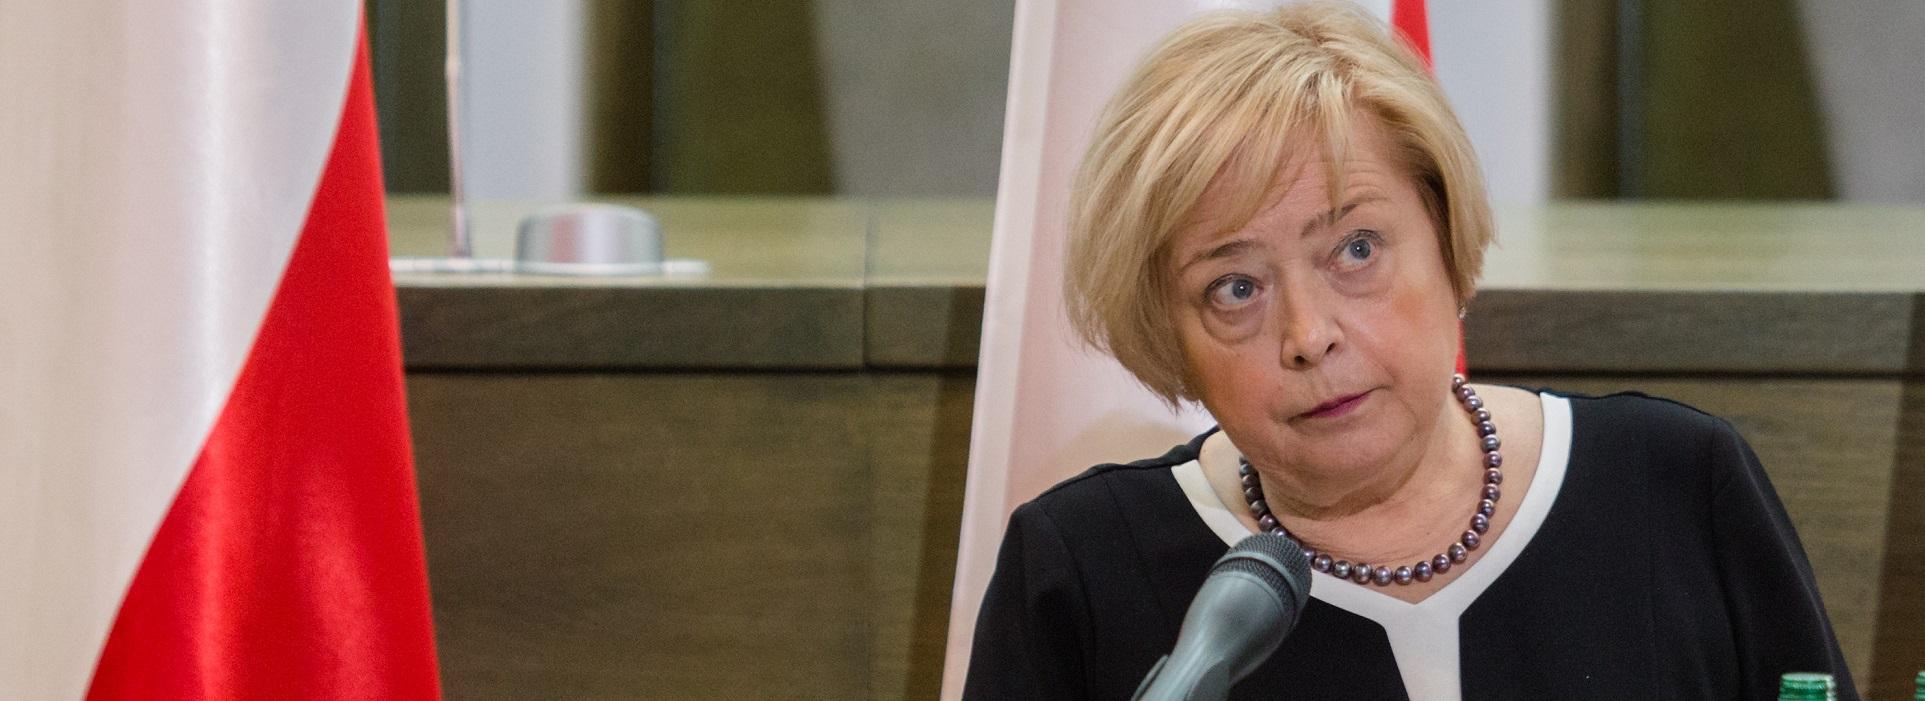 Rzecznik prasowy Sądu Najwyższego: Przypuszczam, że Małgorzata Gersdorf opuści budynek Sądu Najwyższego w przyszłym tygodniu